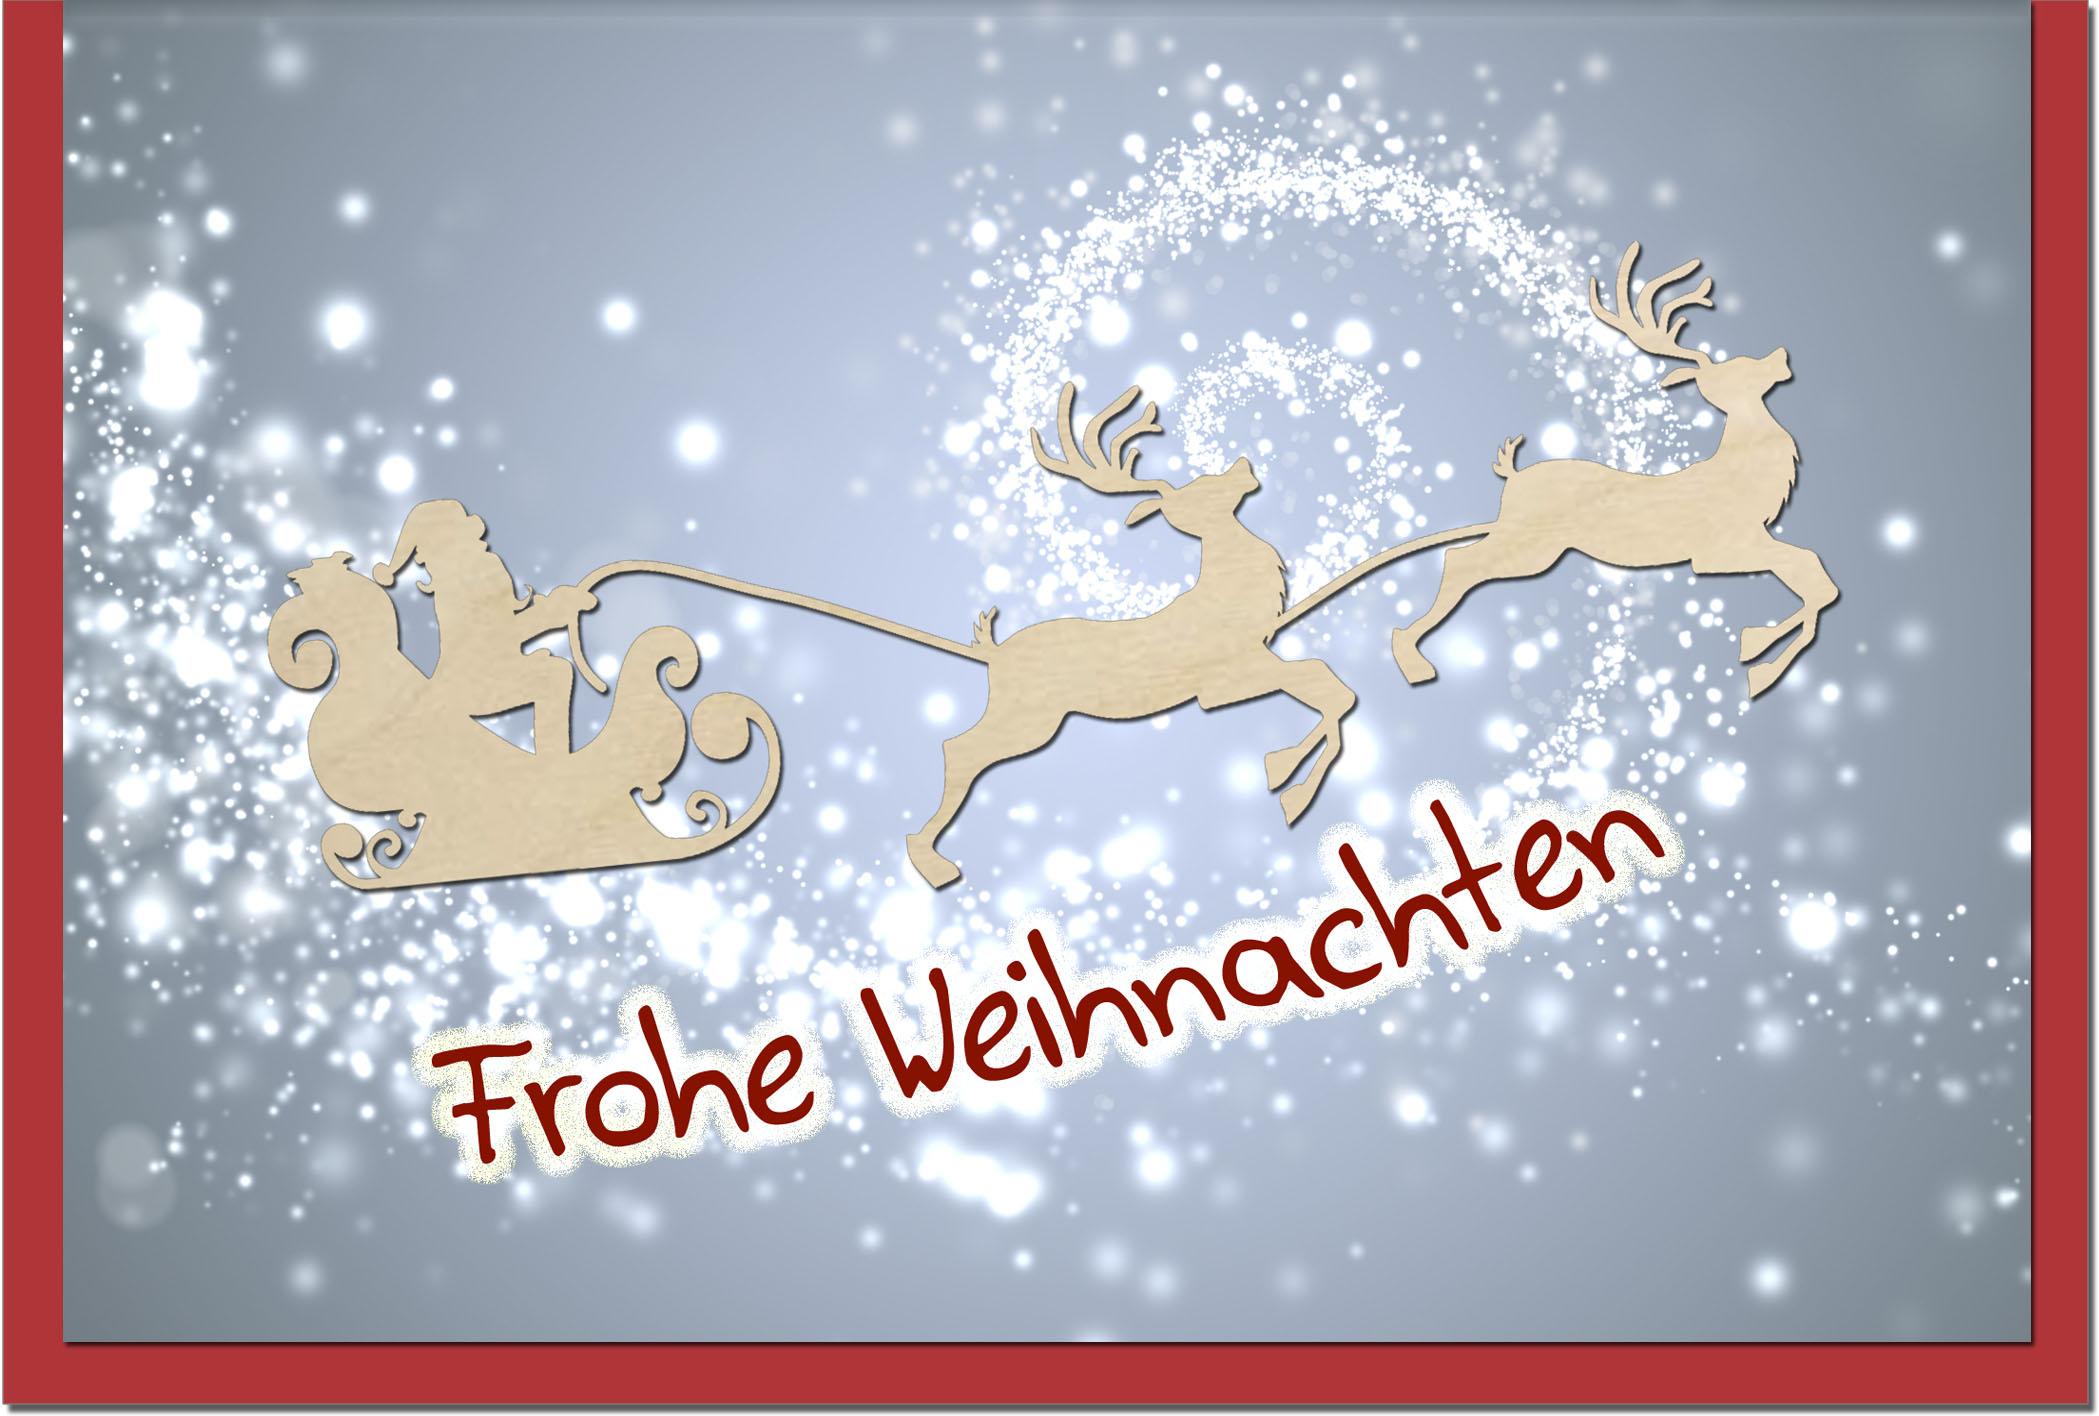 Weihnachtskarten / Grußkarten /Weihnachten Weihnachtsschlitten